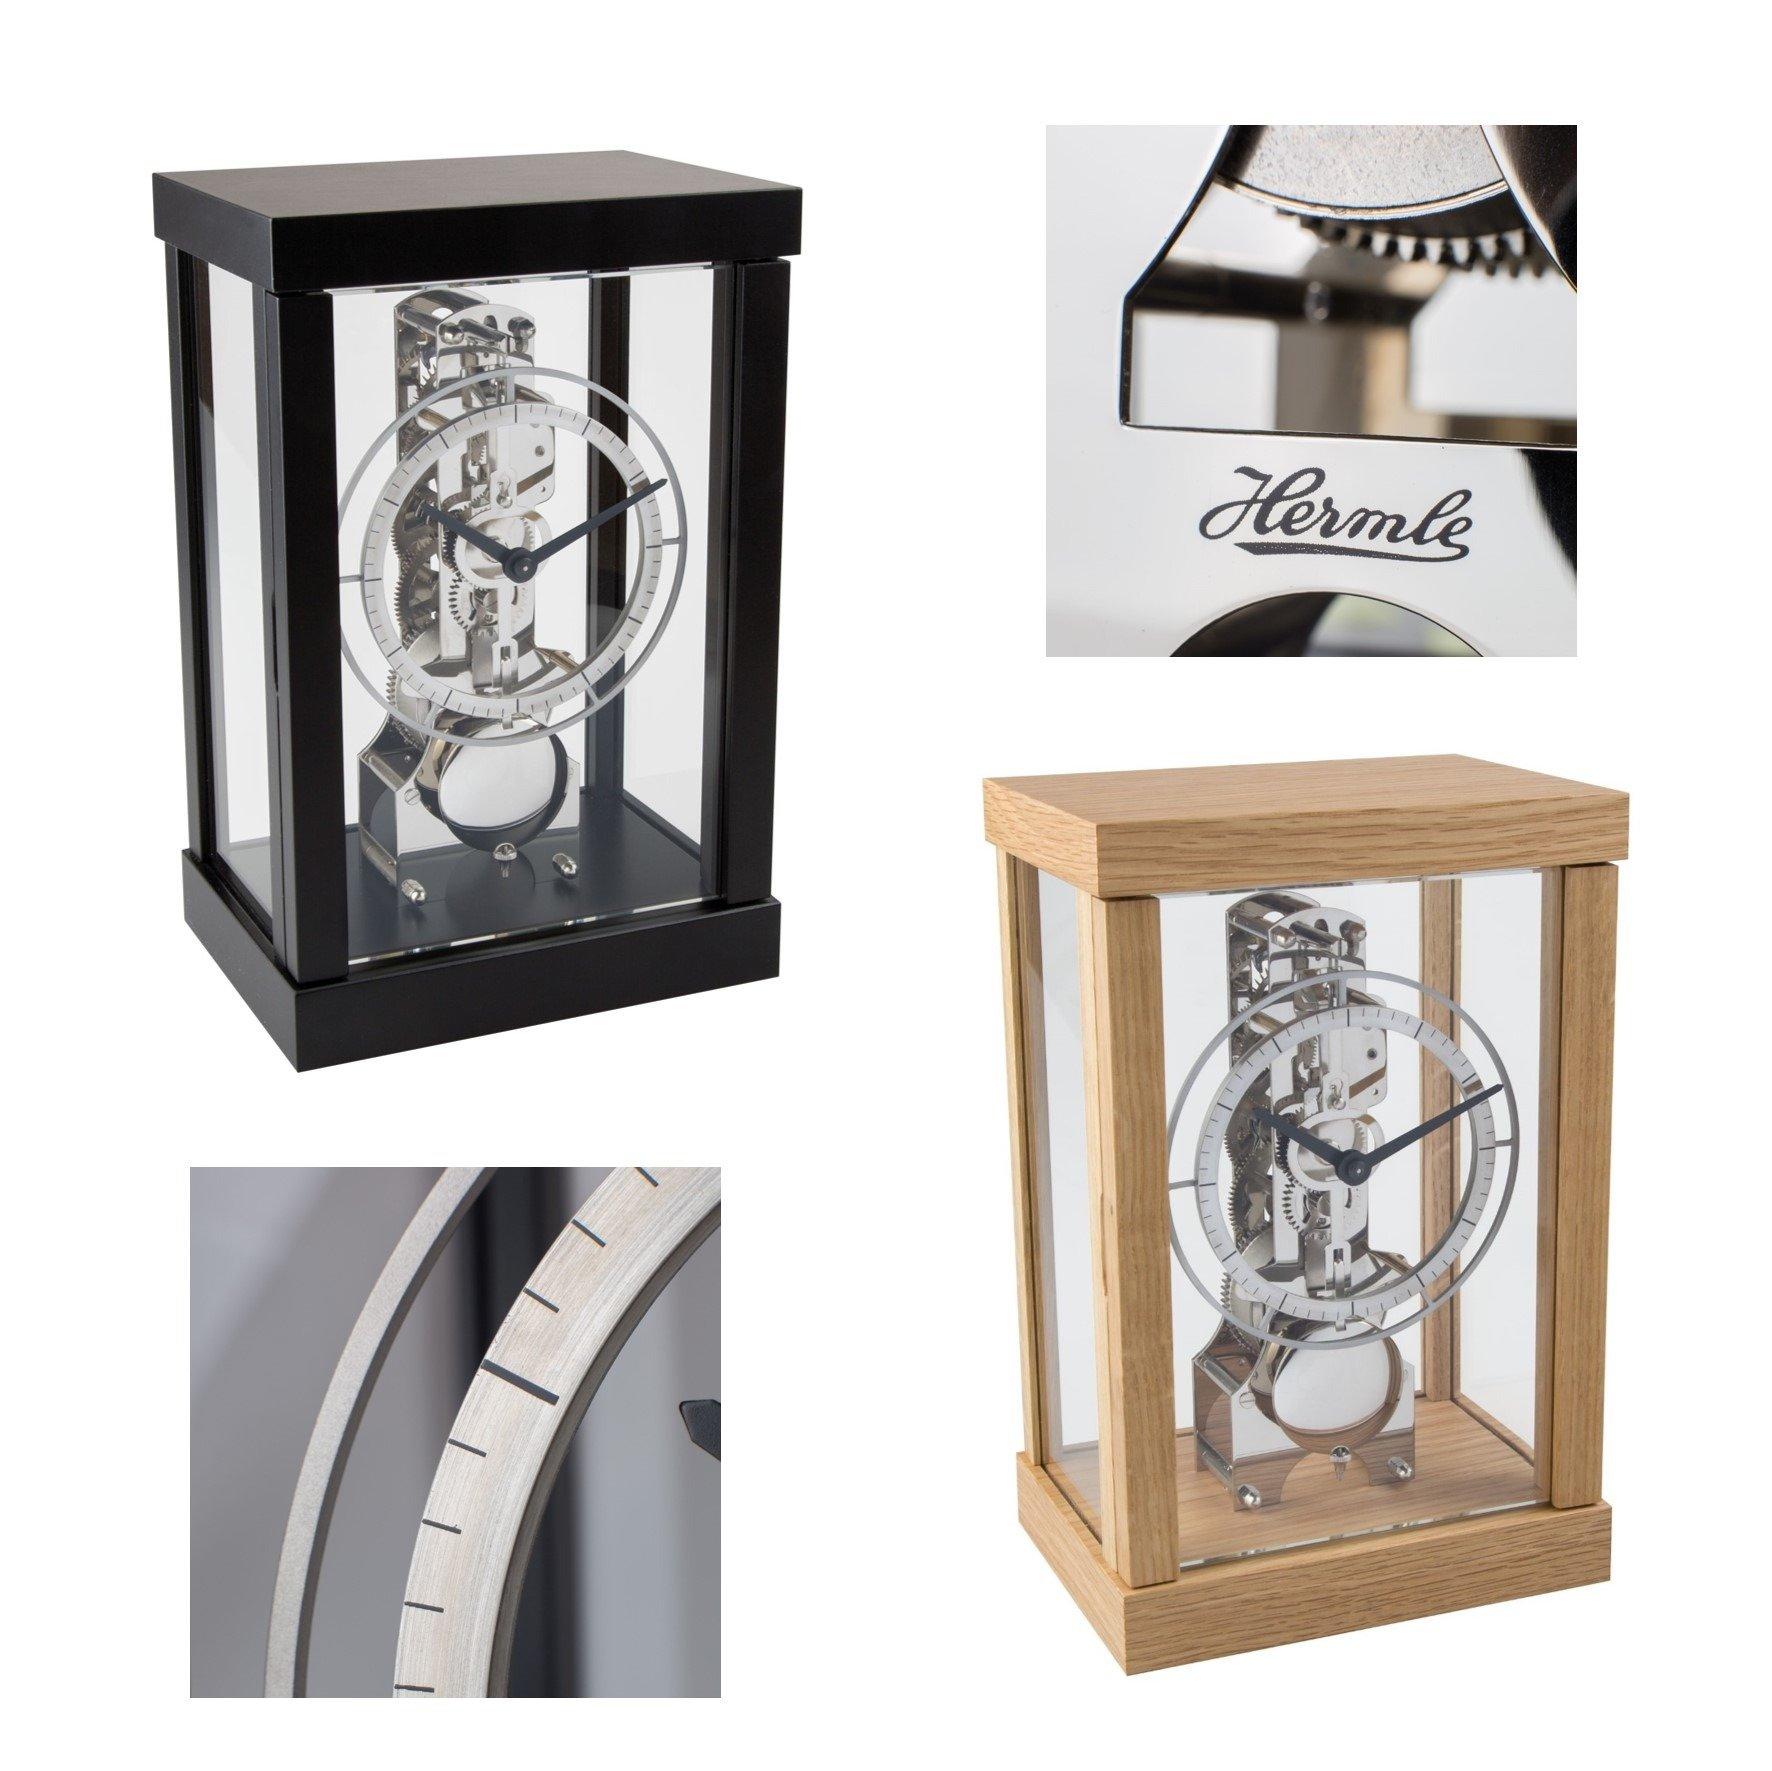 Hermle 23048 penne stilografiche roma e vendita online penne orologi pelletteria - Orologio a pendolo da tavolo ...